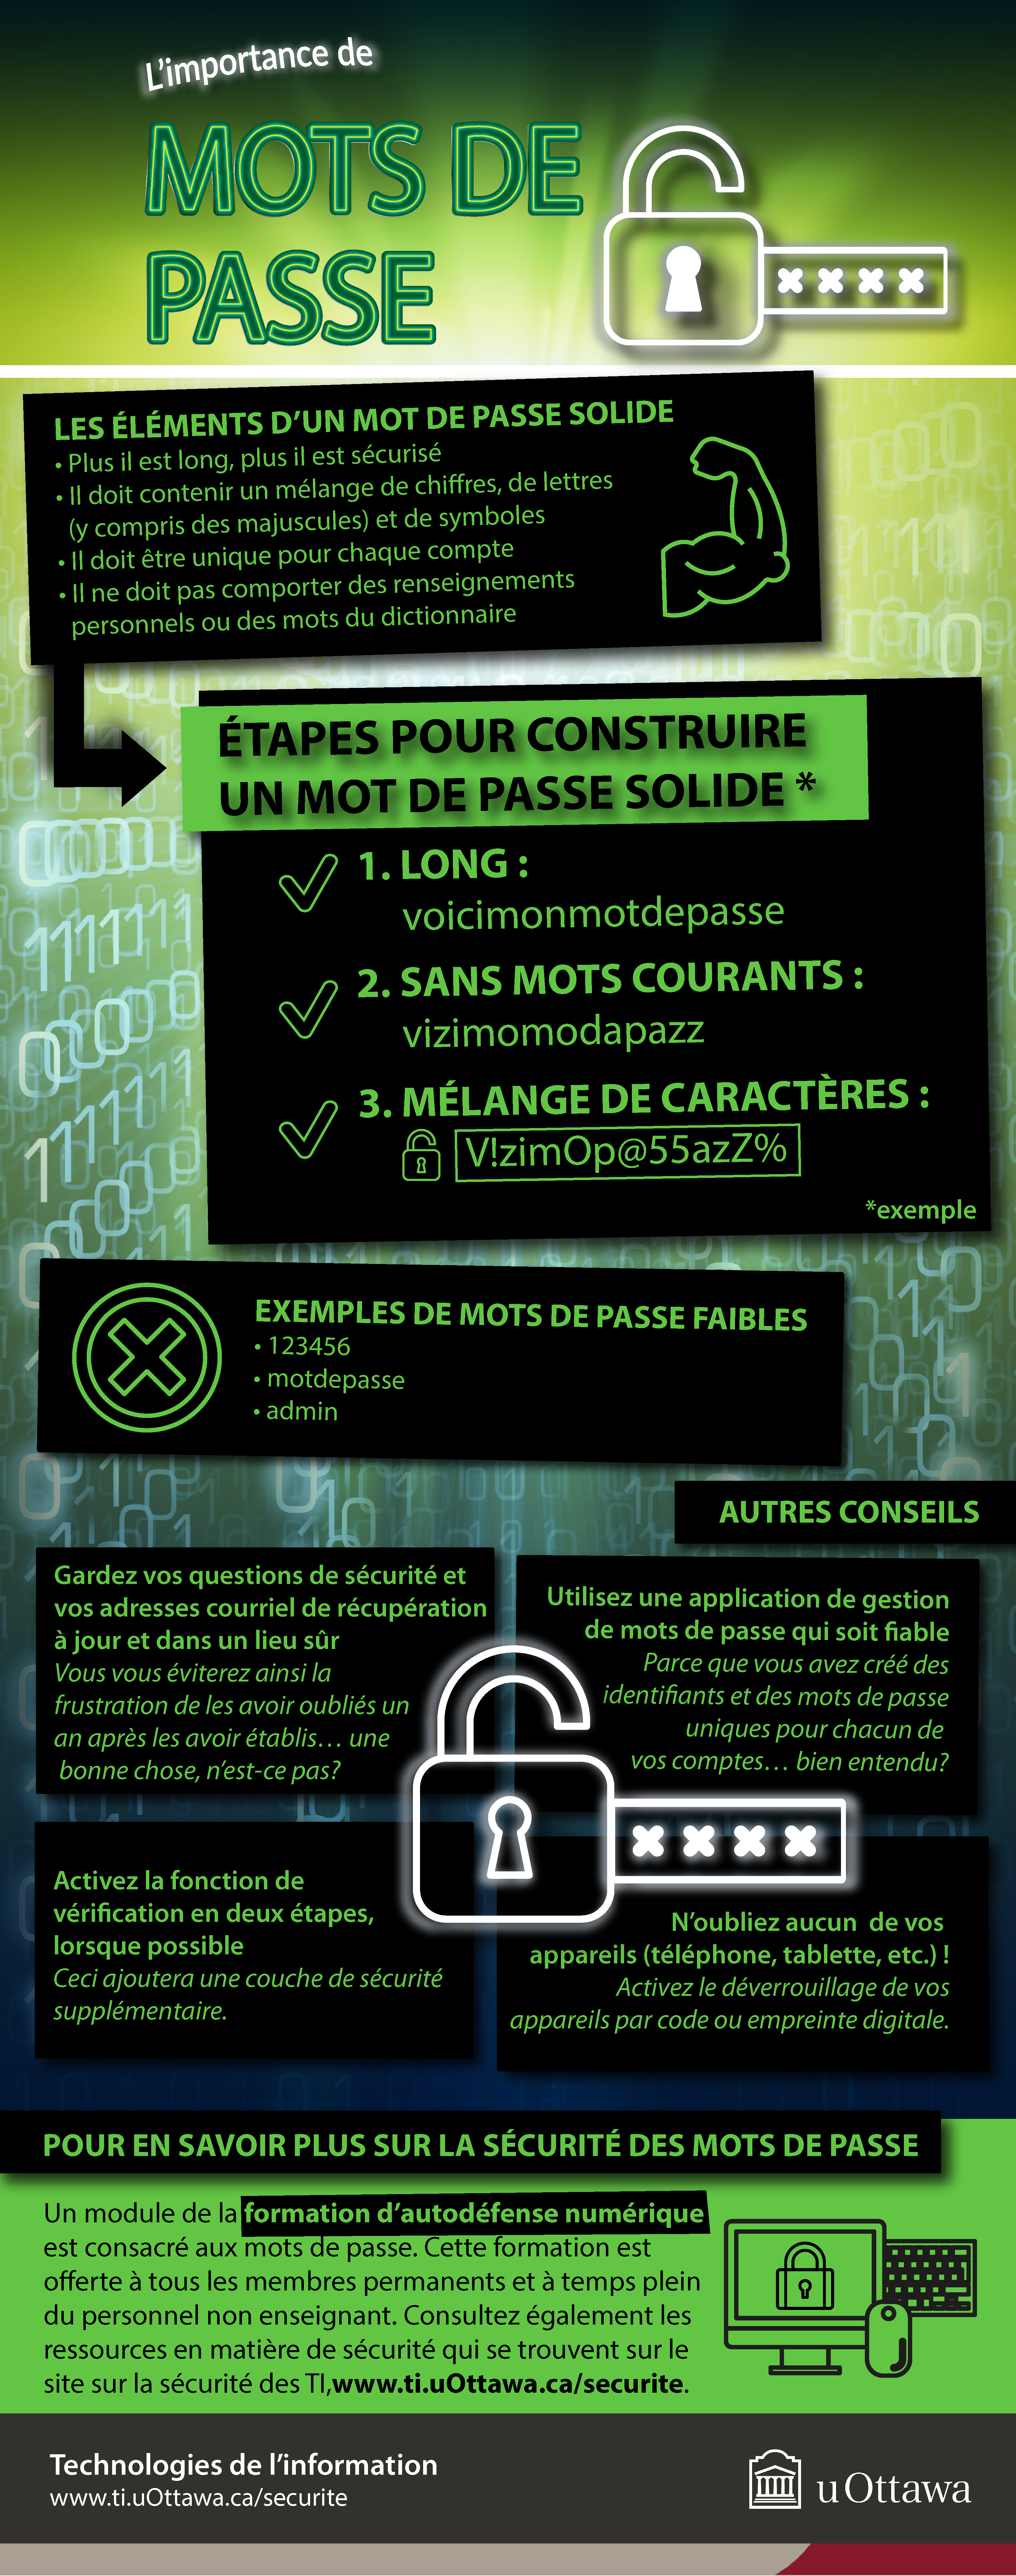 L'importance de mots de passe, infographique